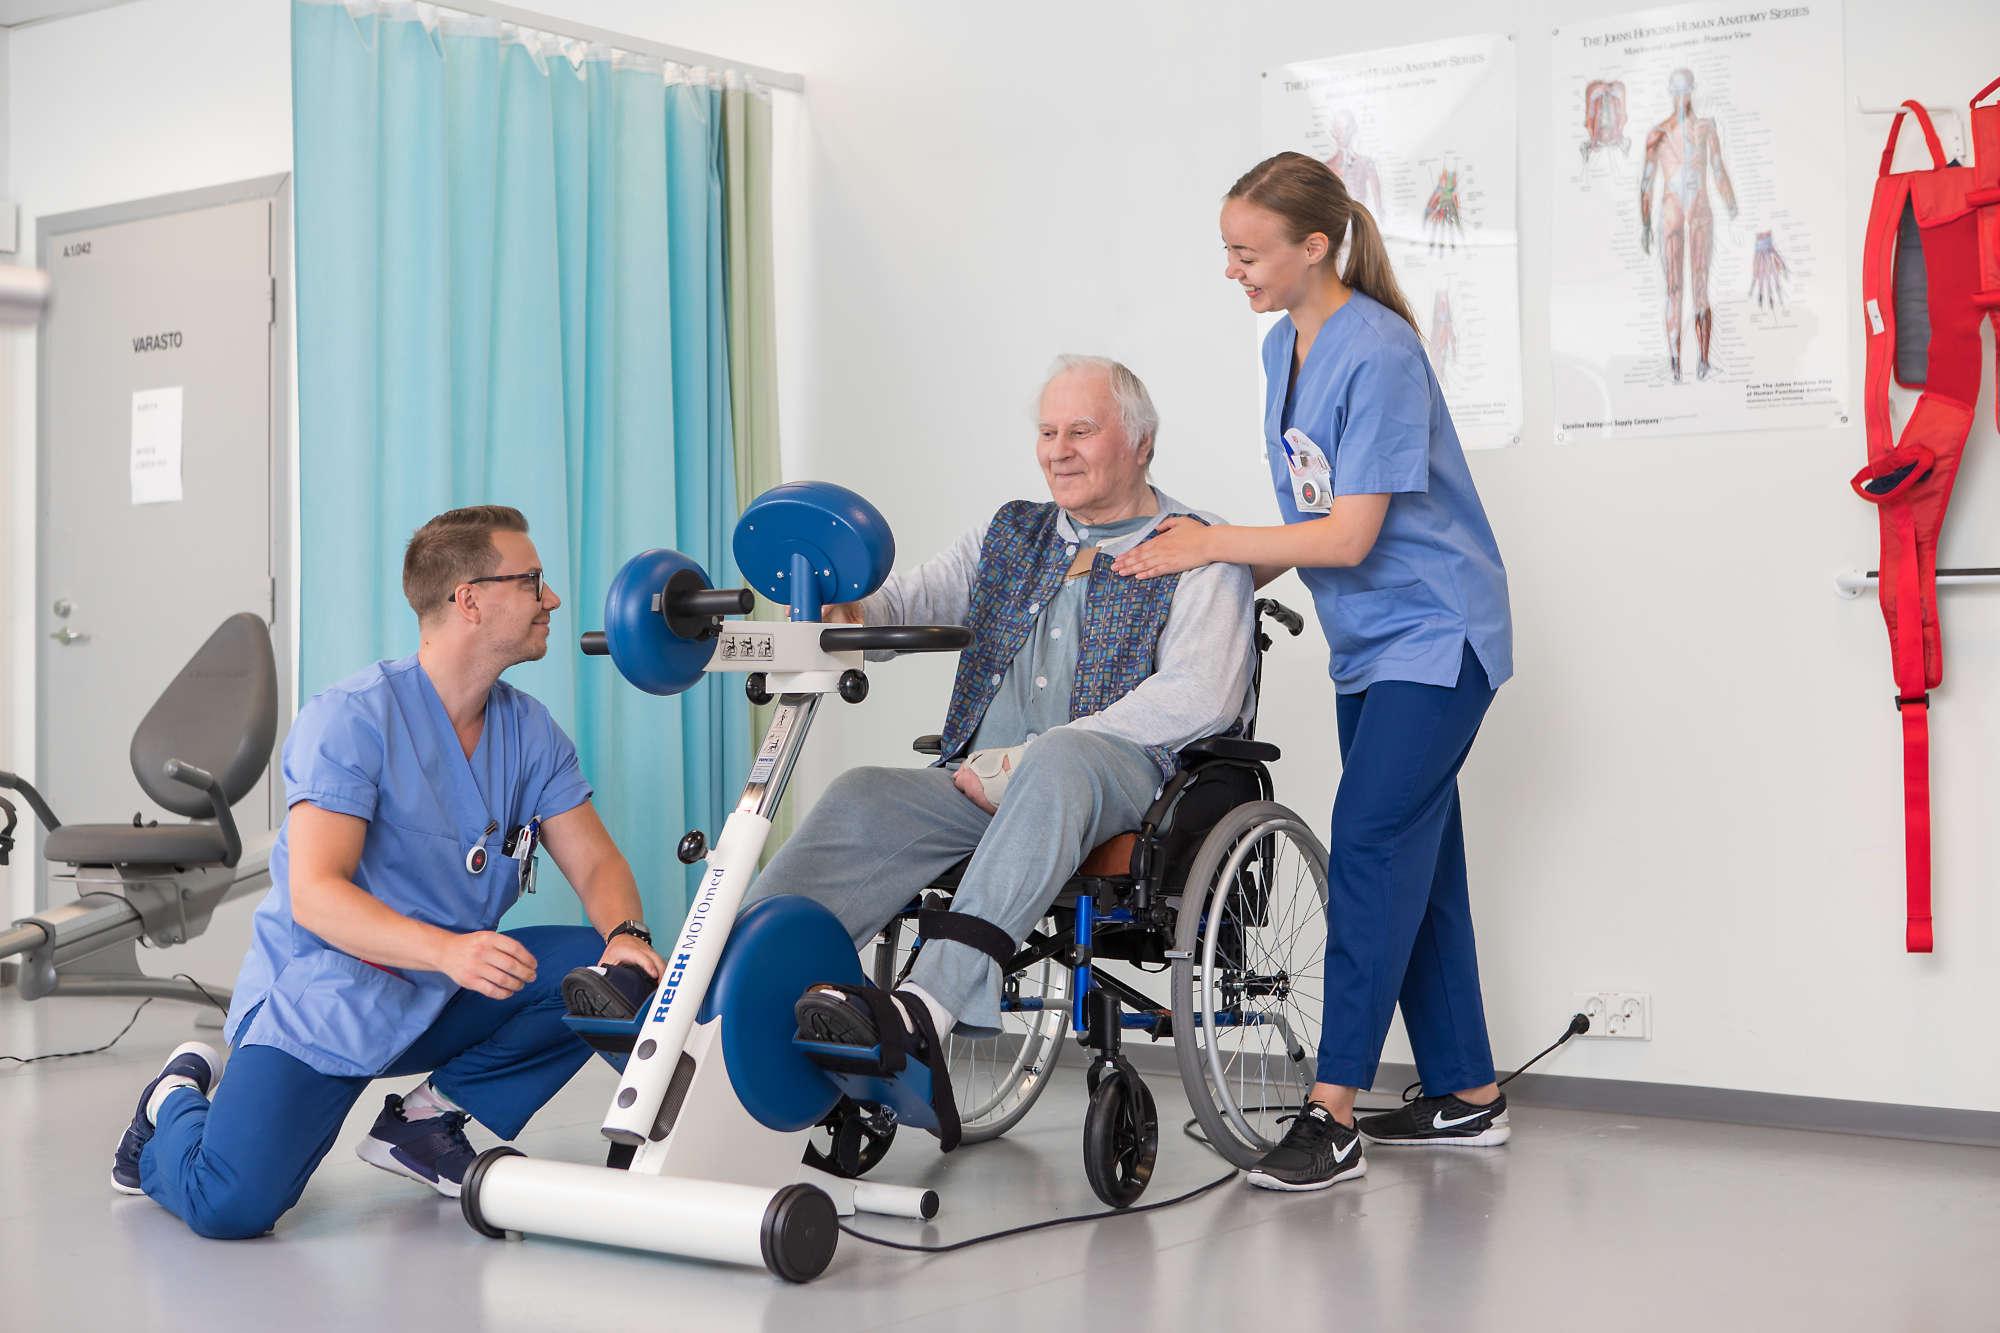 Fysioterapeutit avustavat asiakasta osaston kuntosalilla.